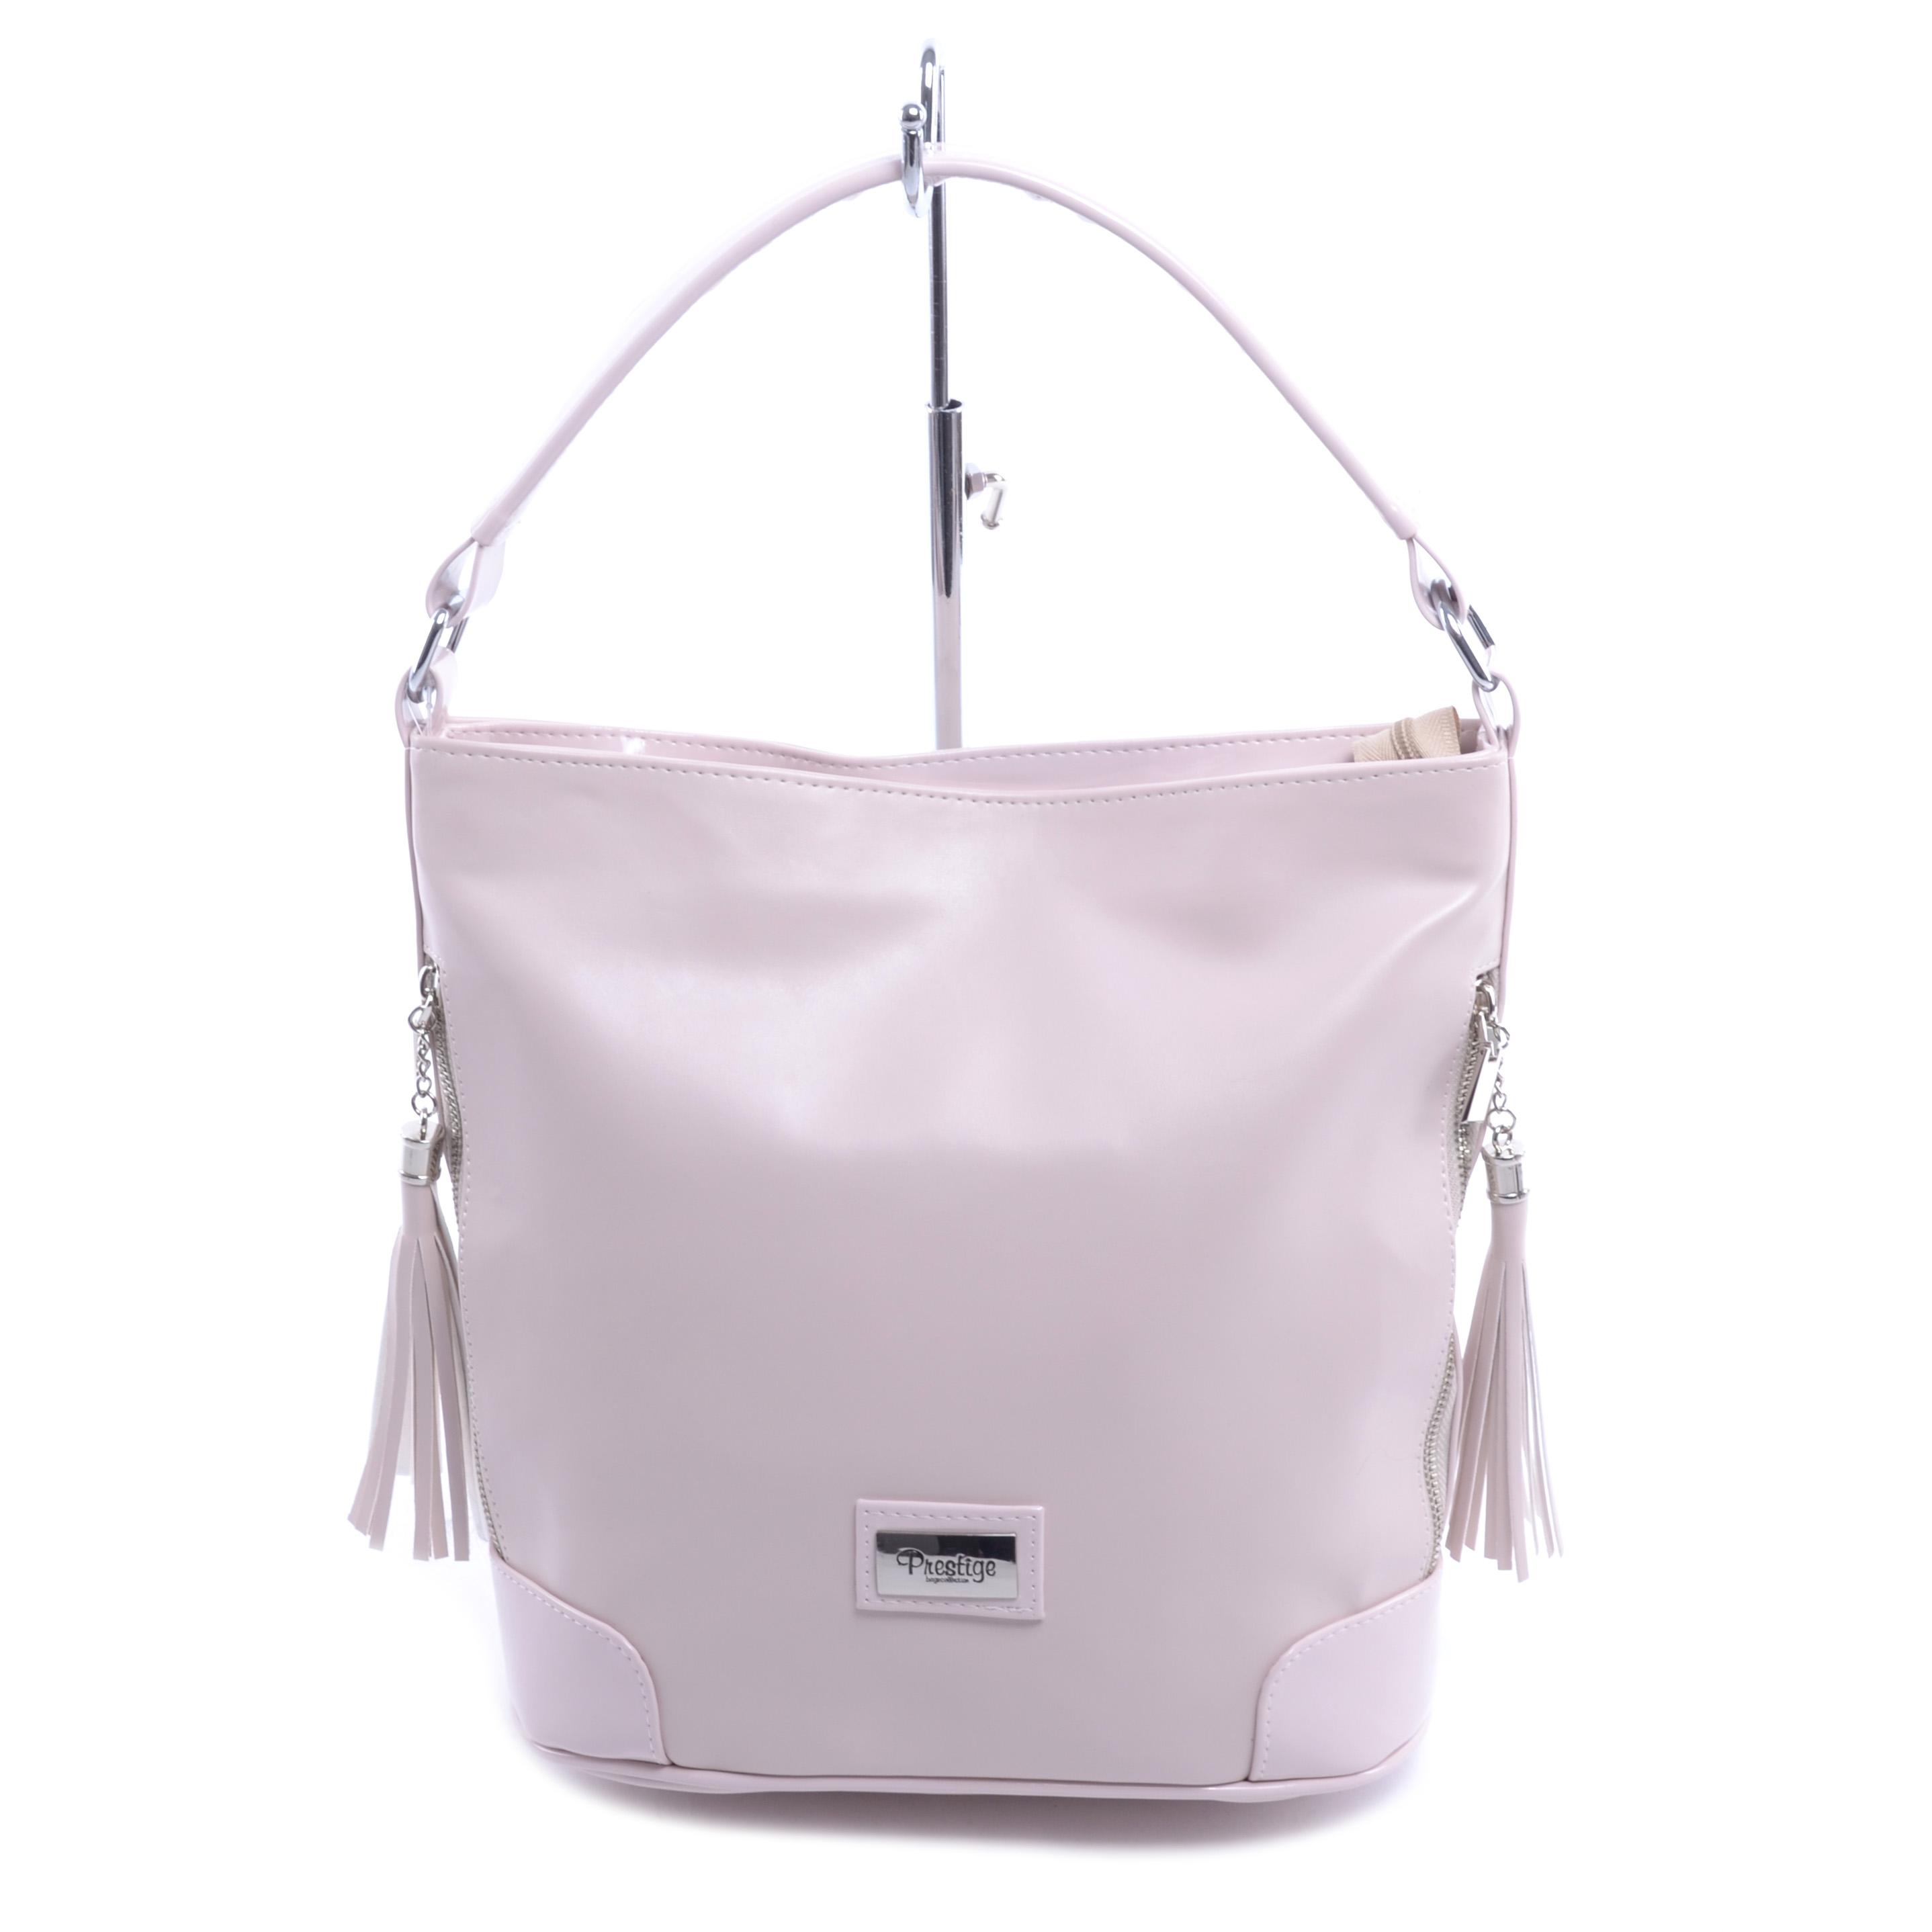 079b157703 Prestige Nagy Méretű Női Válltáska - Babarózsaszín - Válltáskák - Táska  webáruház - Minőségi táskák mindenkinek